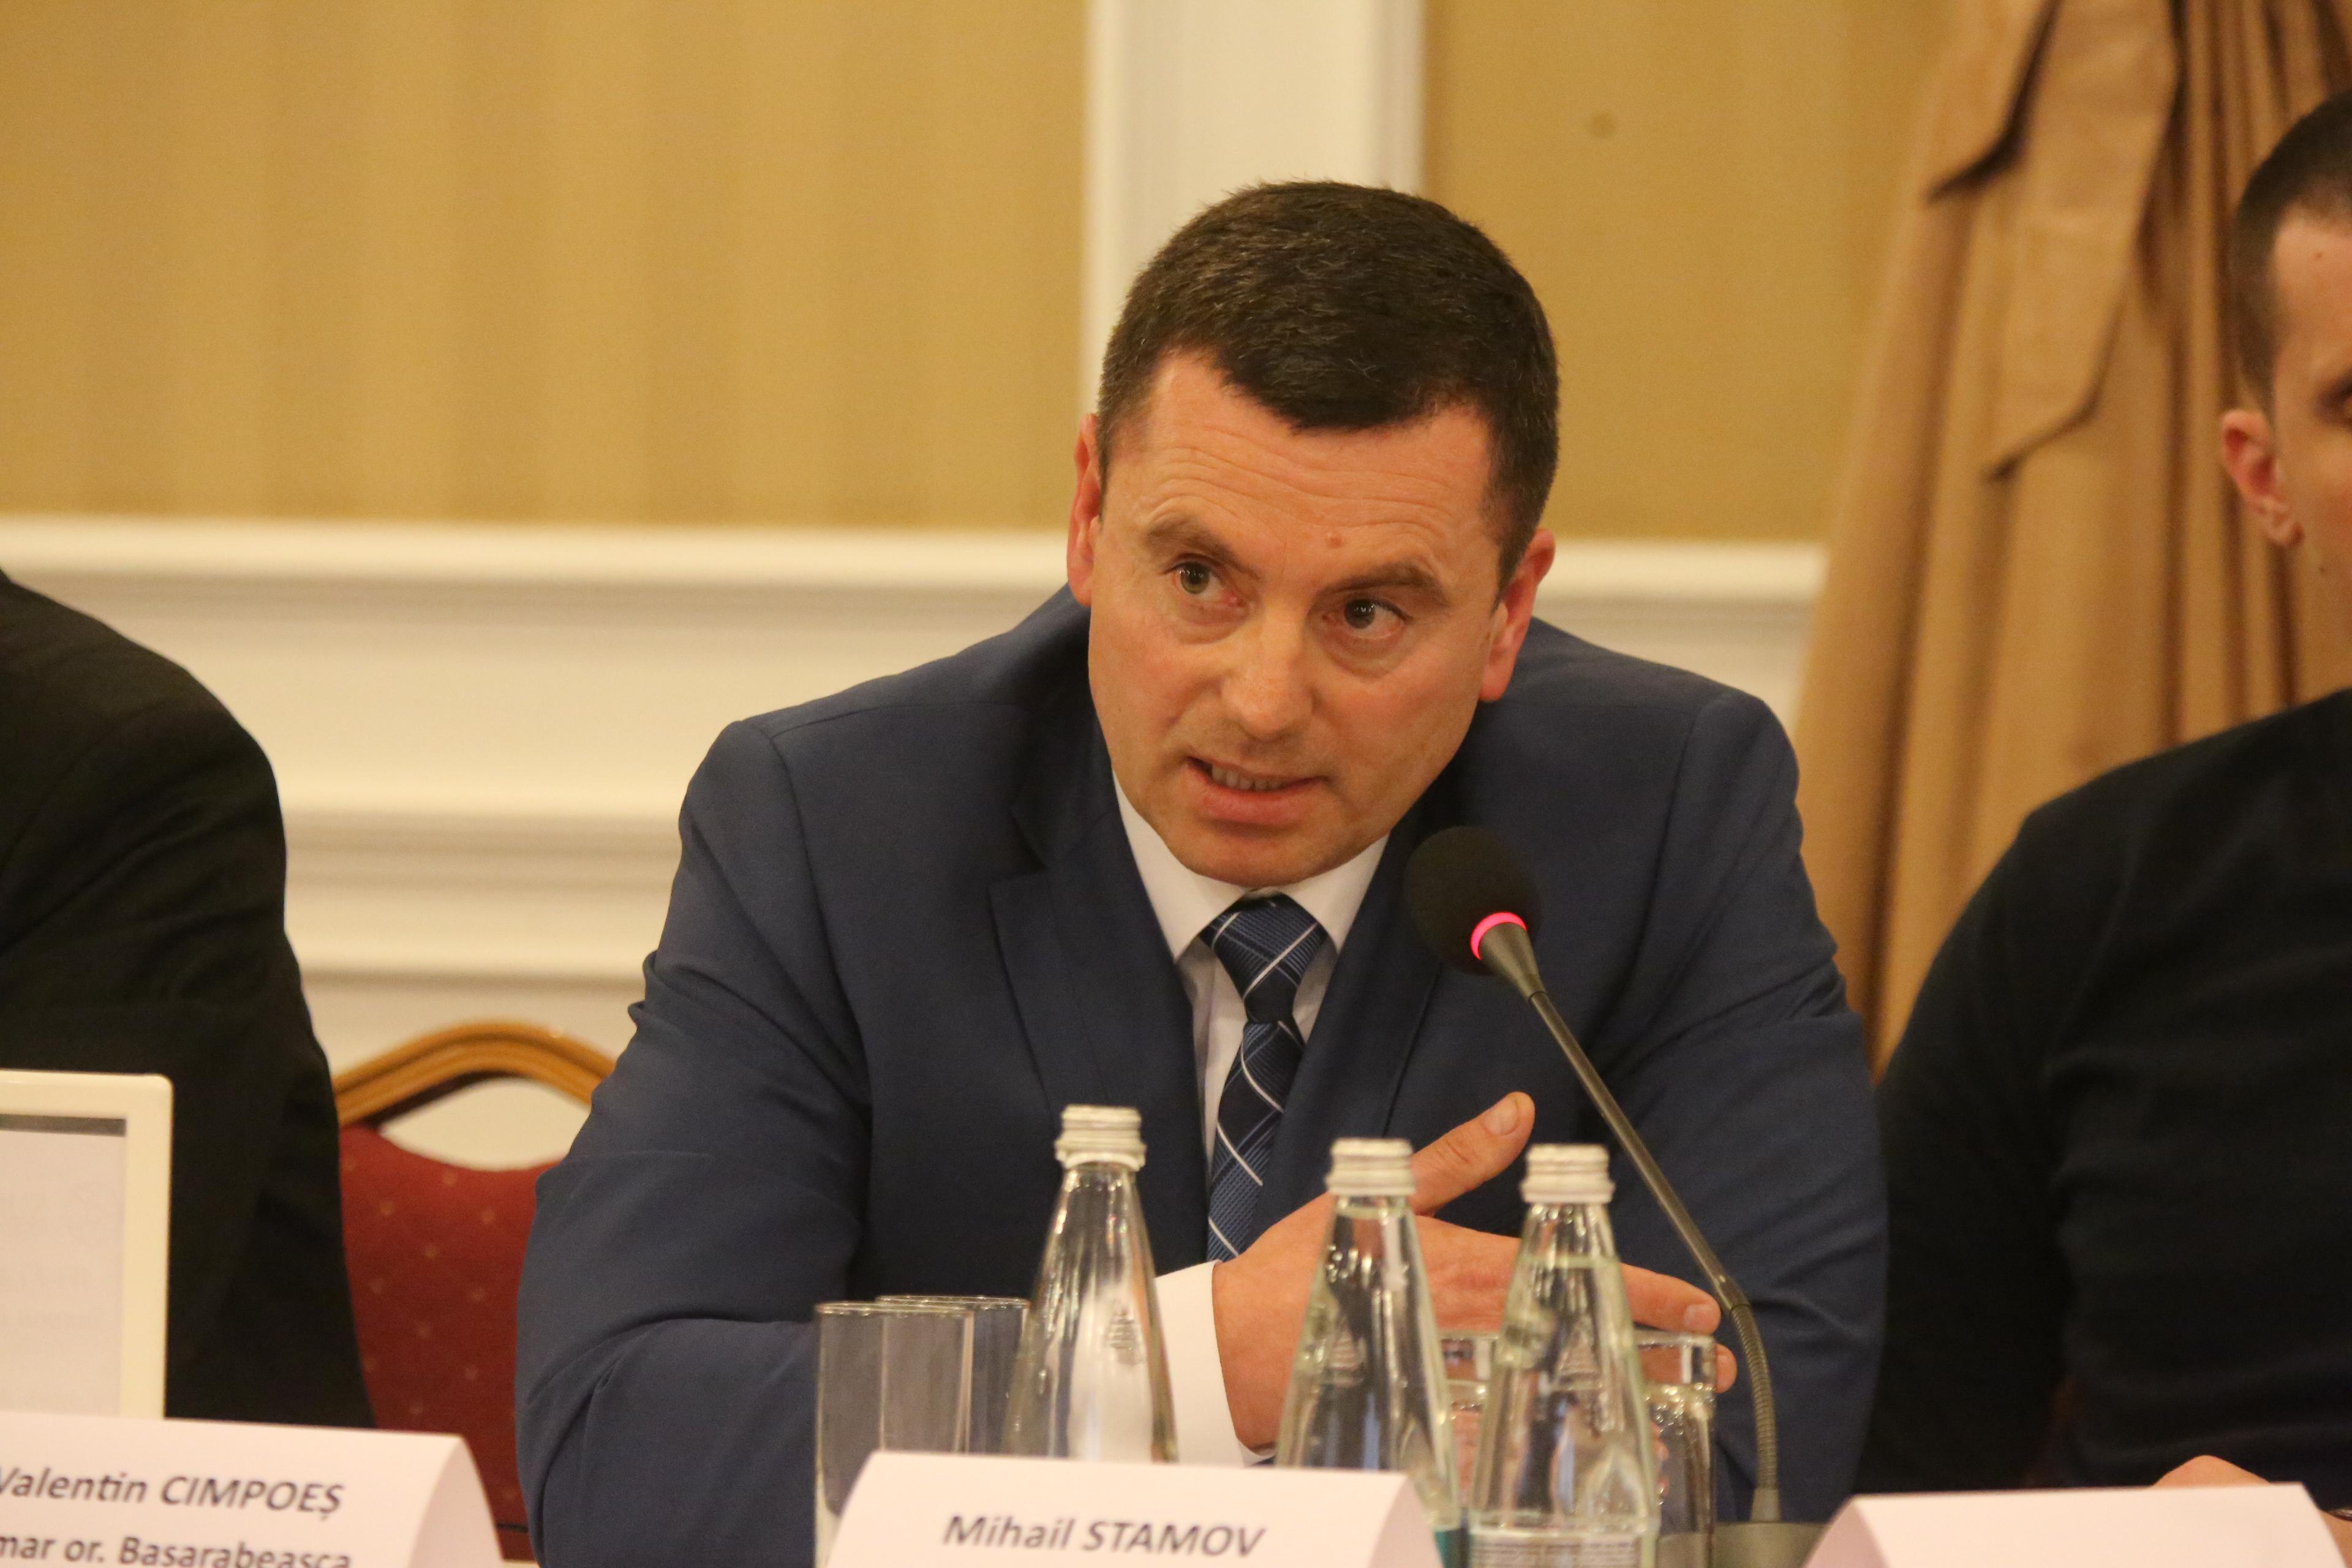 Четверть жителей Бессарабки подписали петицию в поддержку Валентина Чимпоеша (DOC)